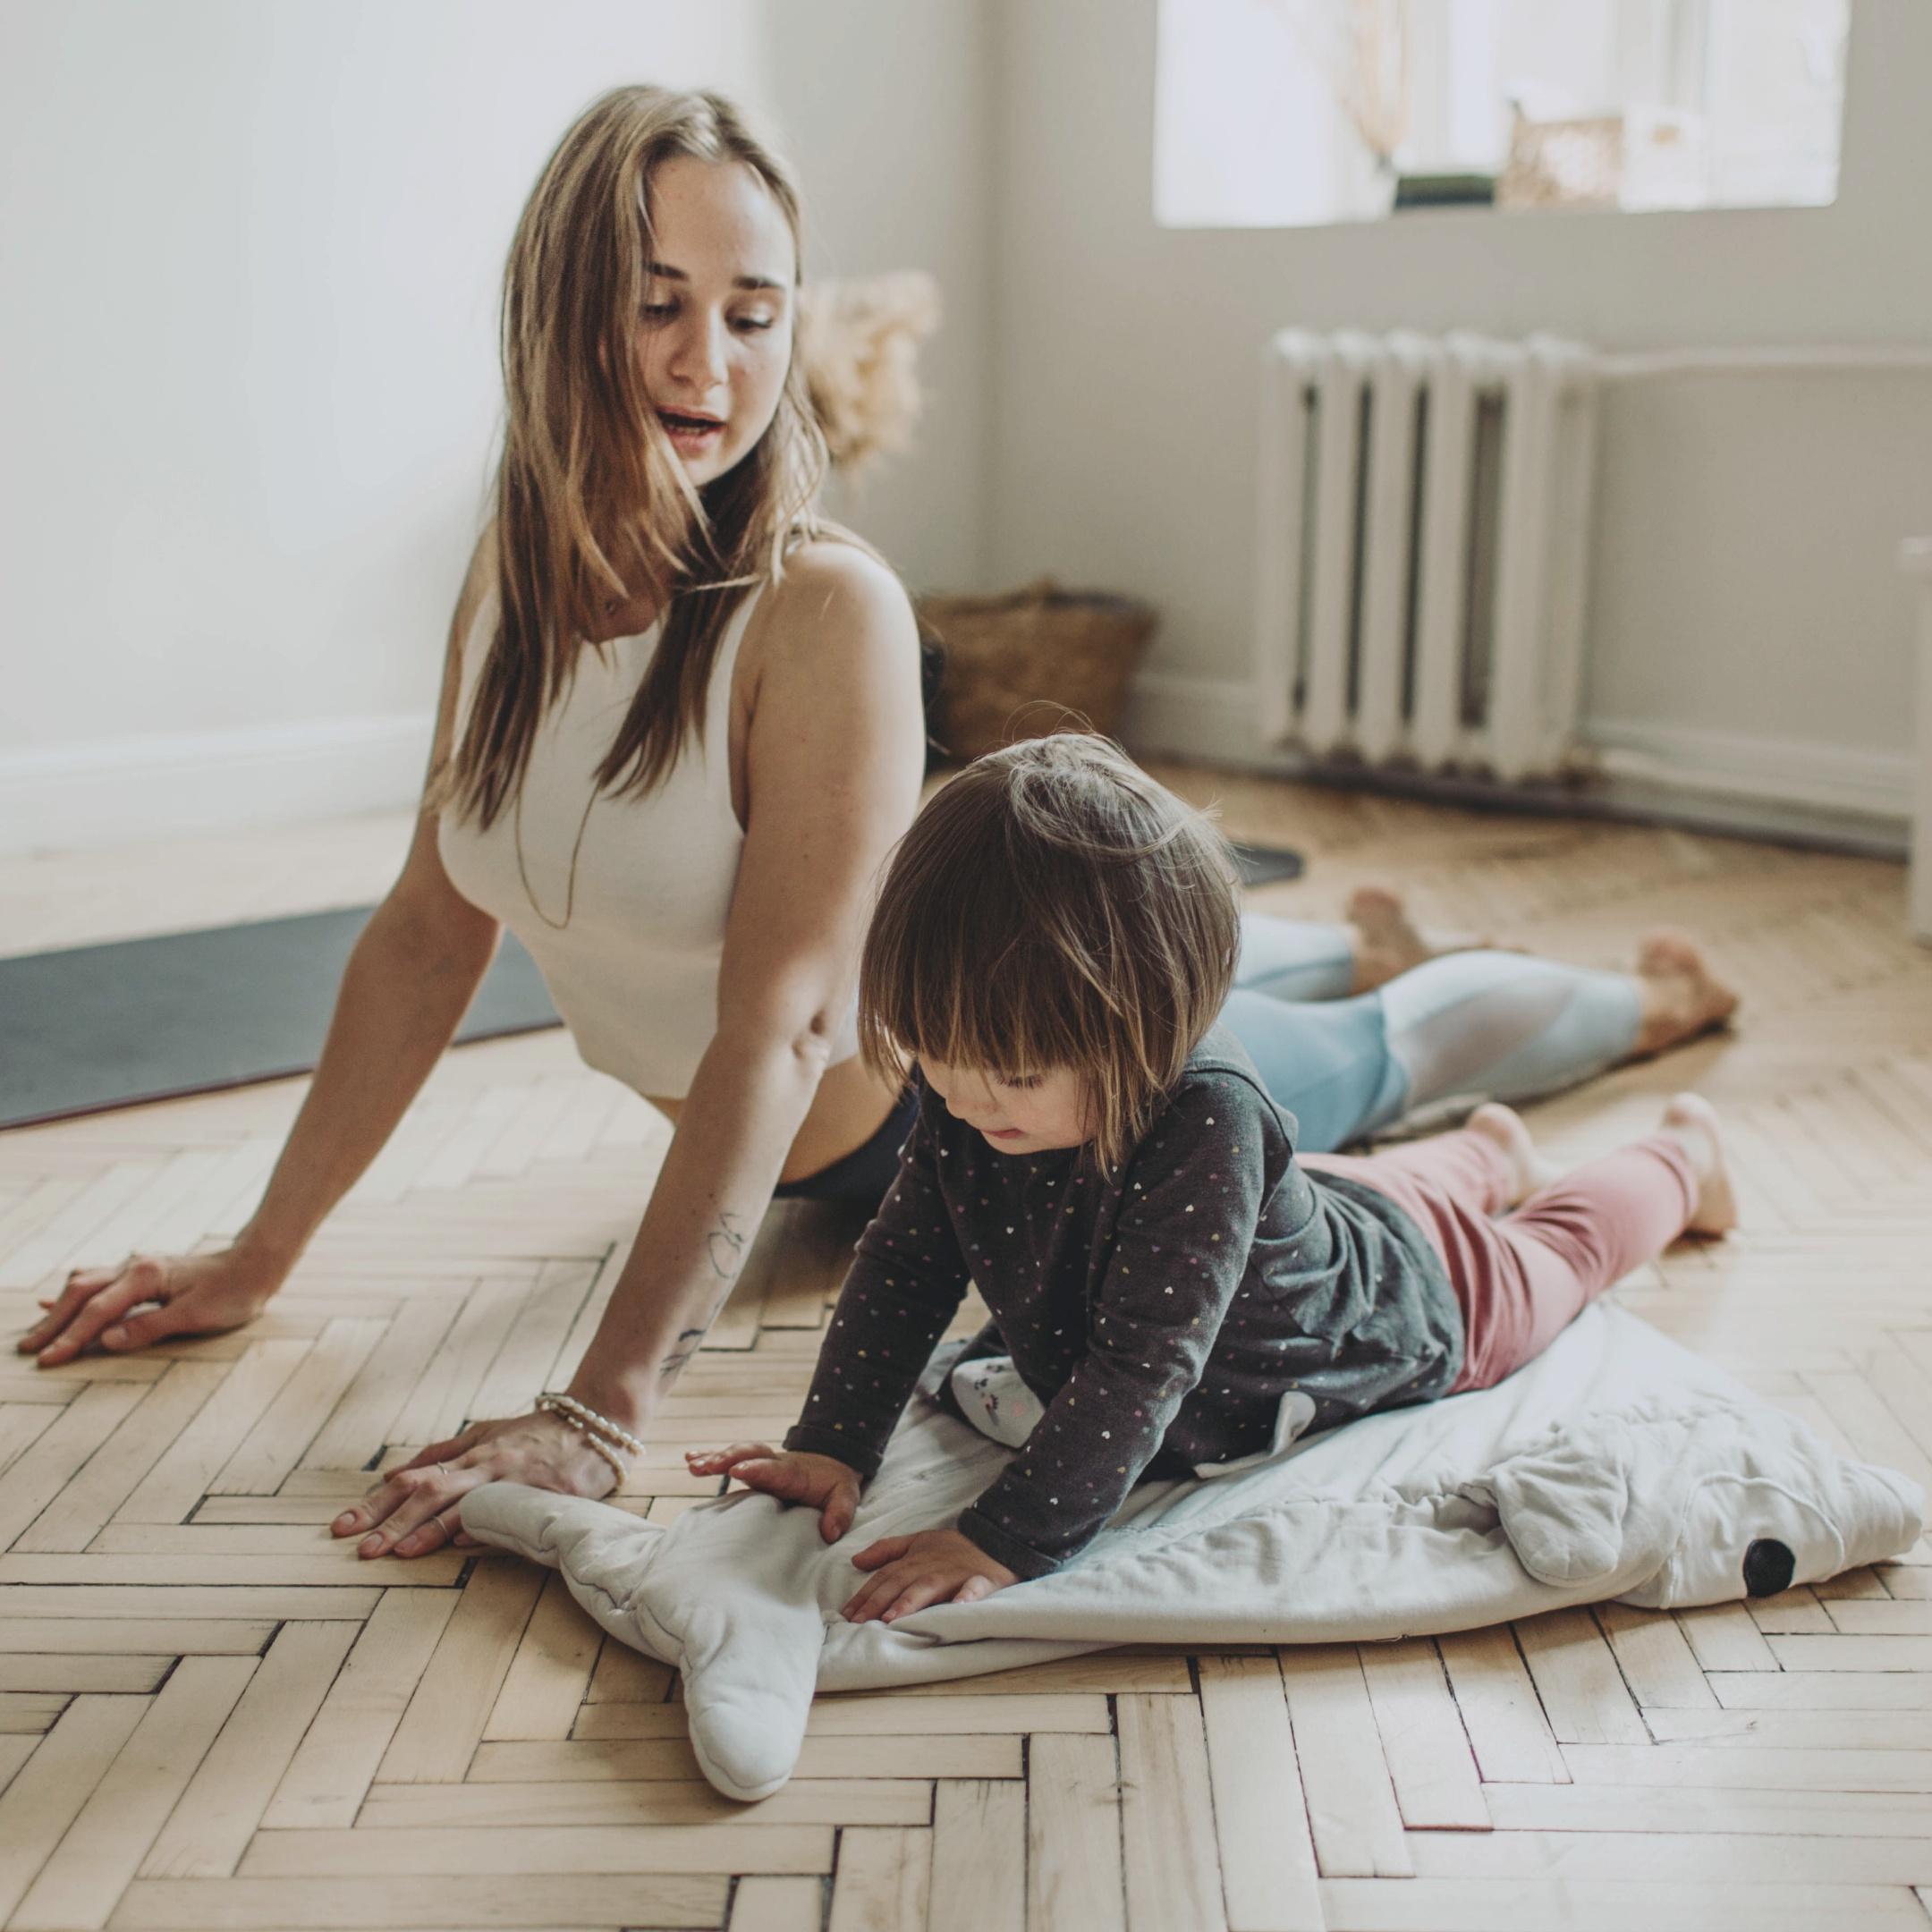 Época de confinamiento: actividades para los días en casa